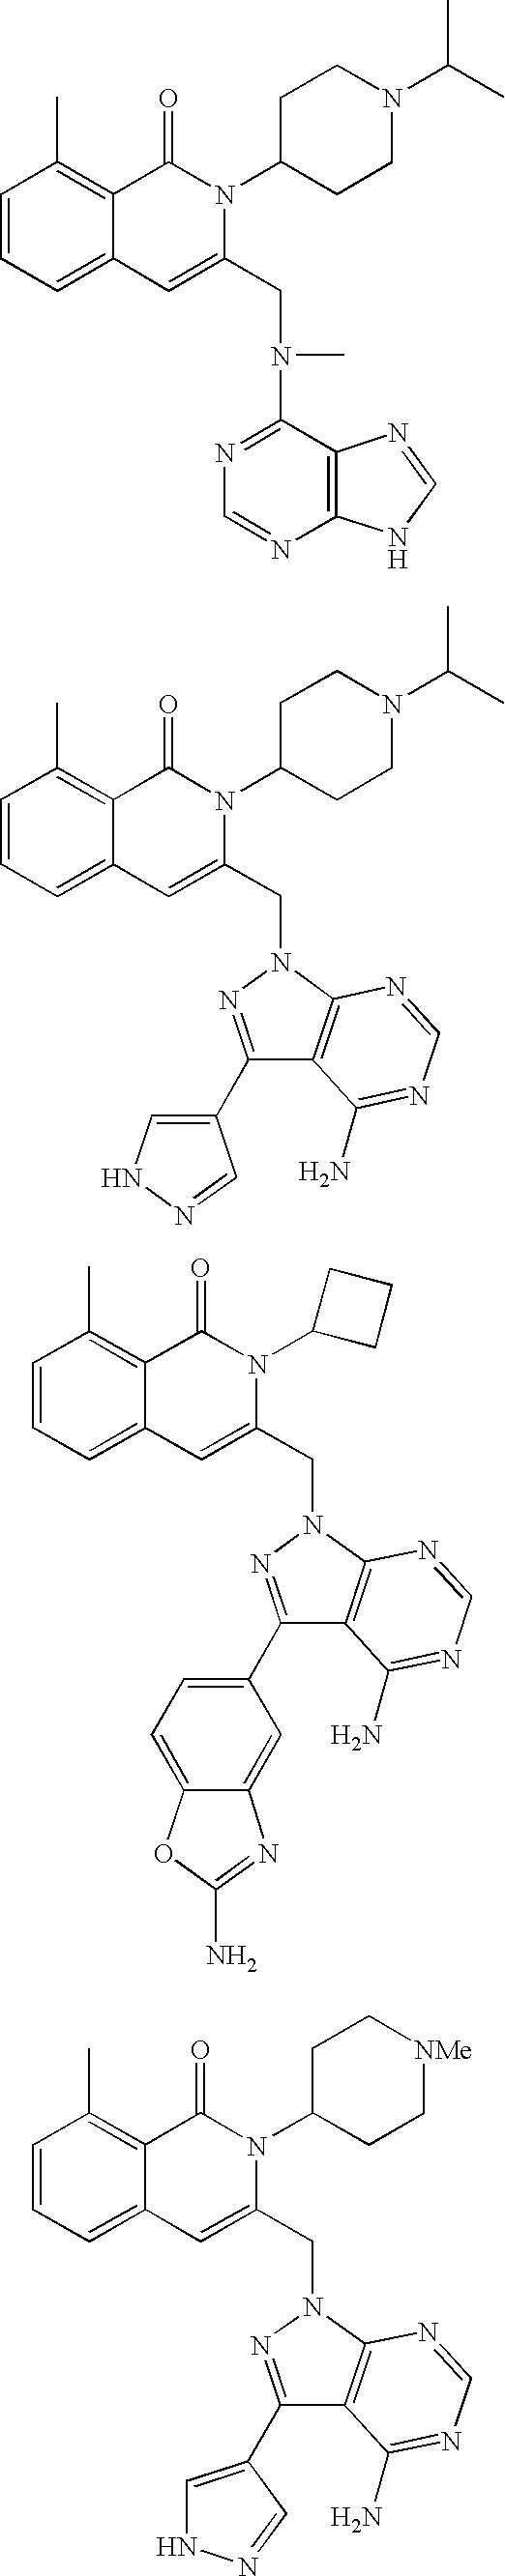 Figure US08193182-20120605-C00277